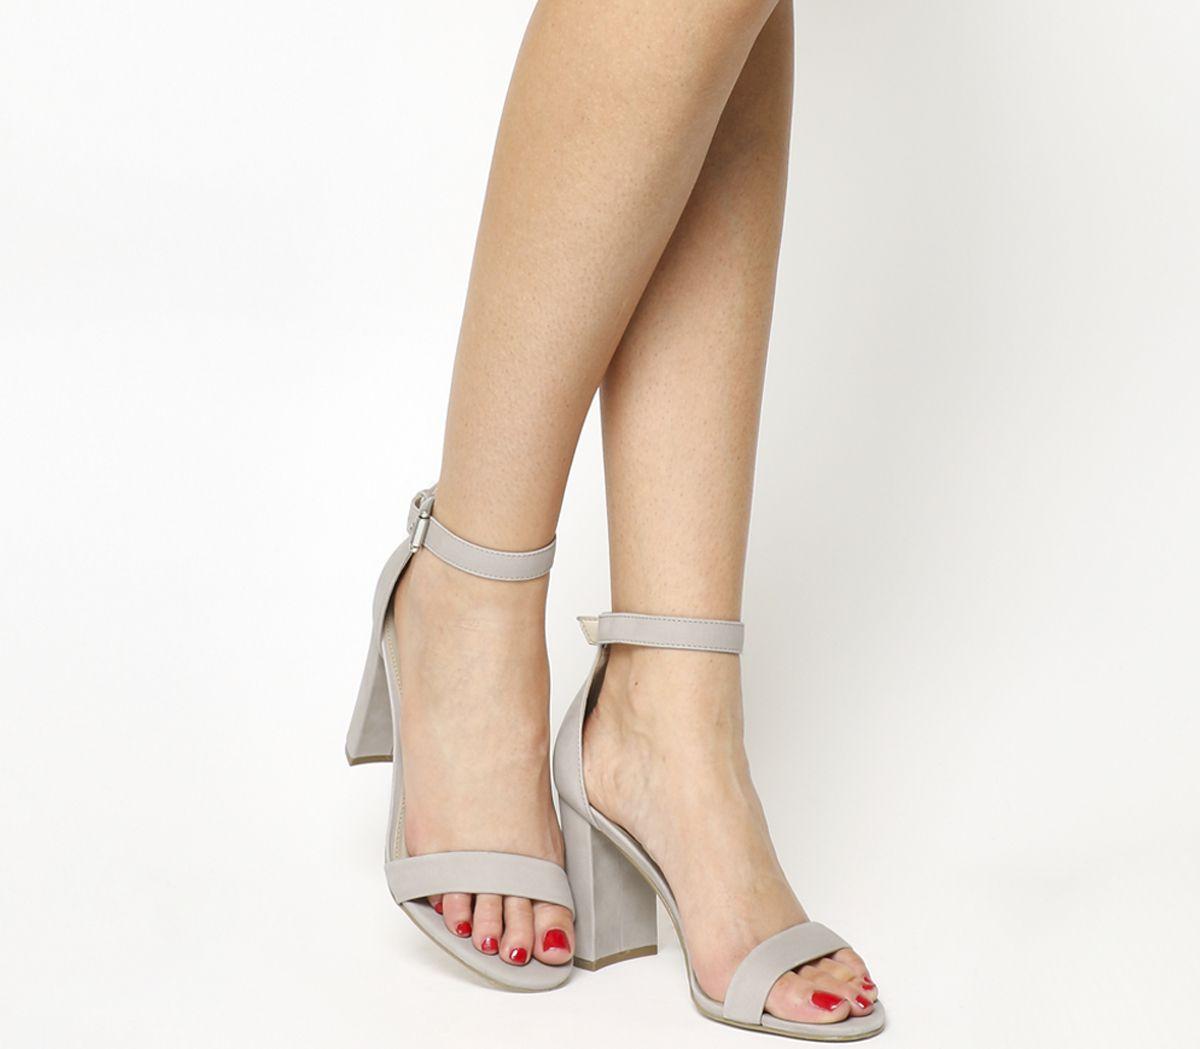 62ea89ad4dbc Office Nina Block Heel Sandals Light Grey Nubuck - High Heels